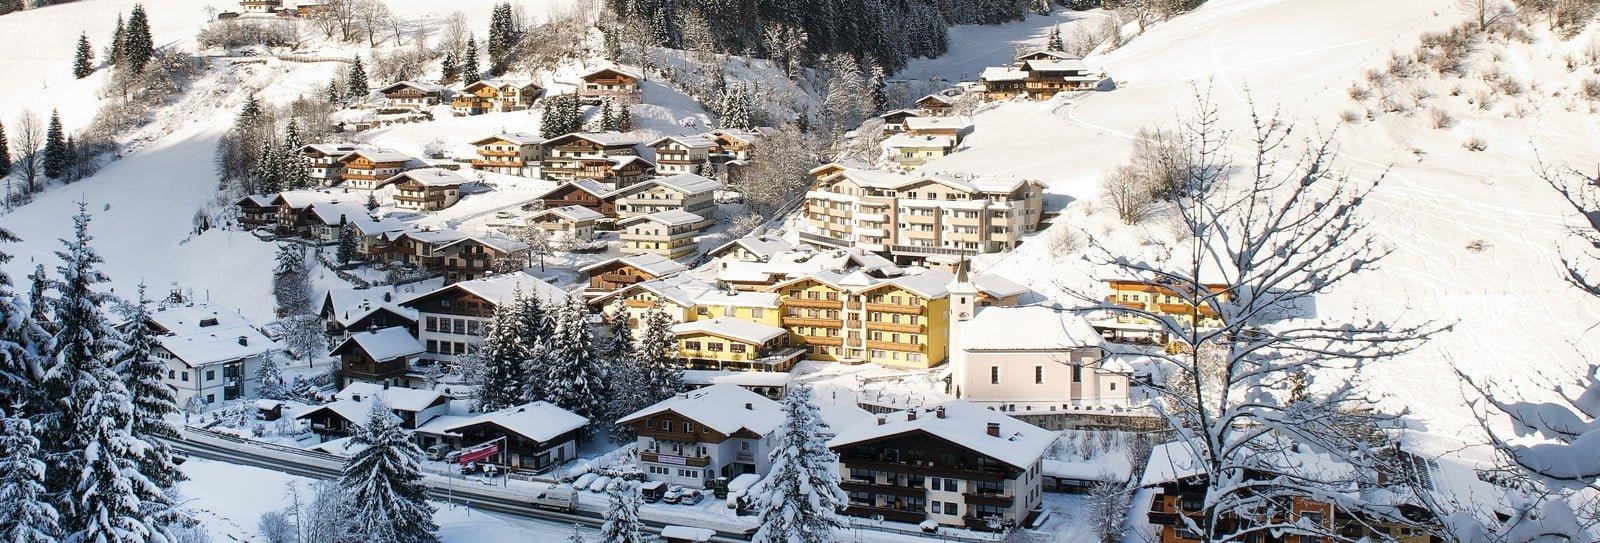 Viehhofen panorama